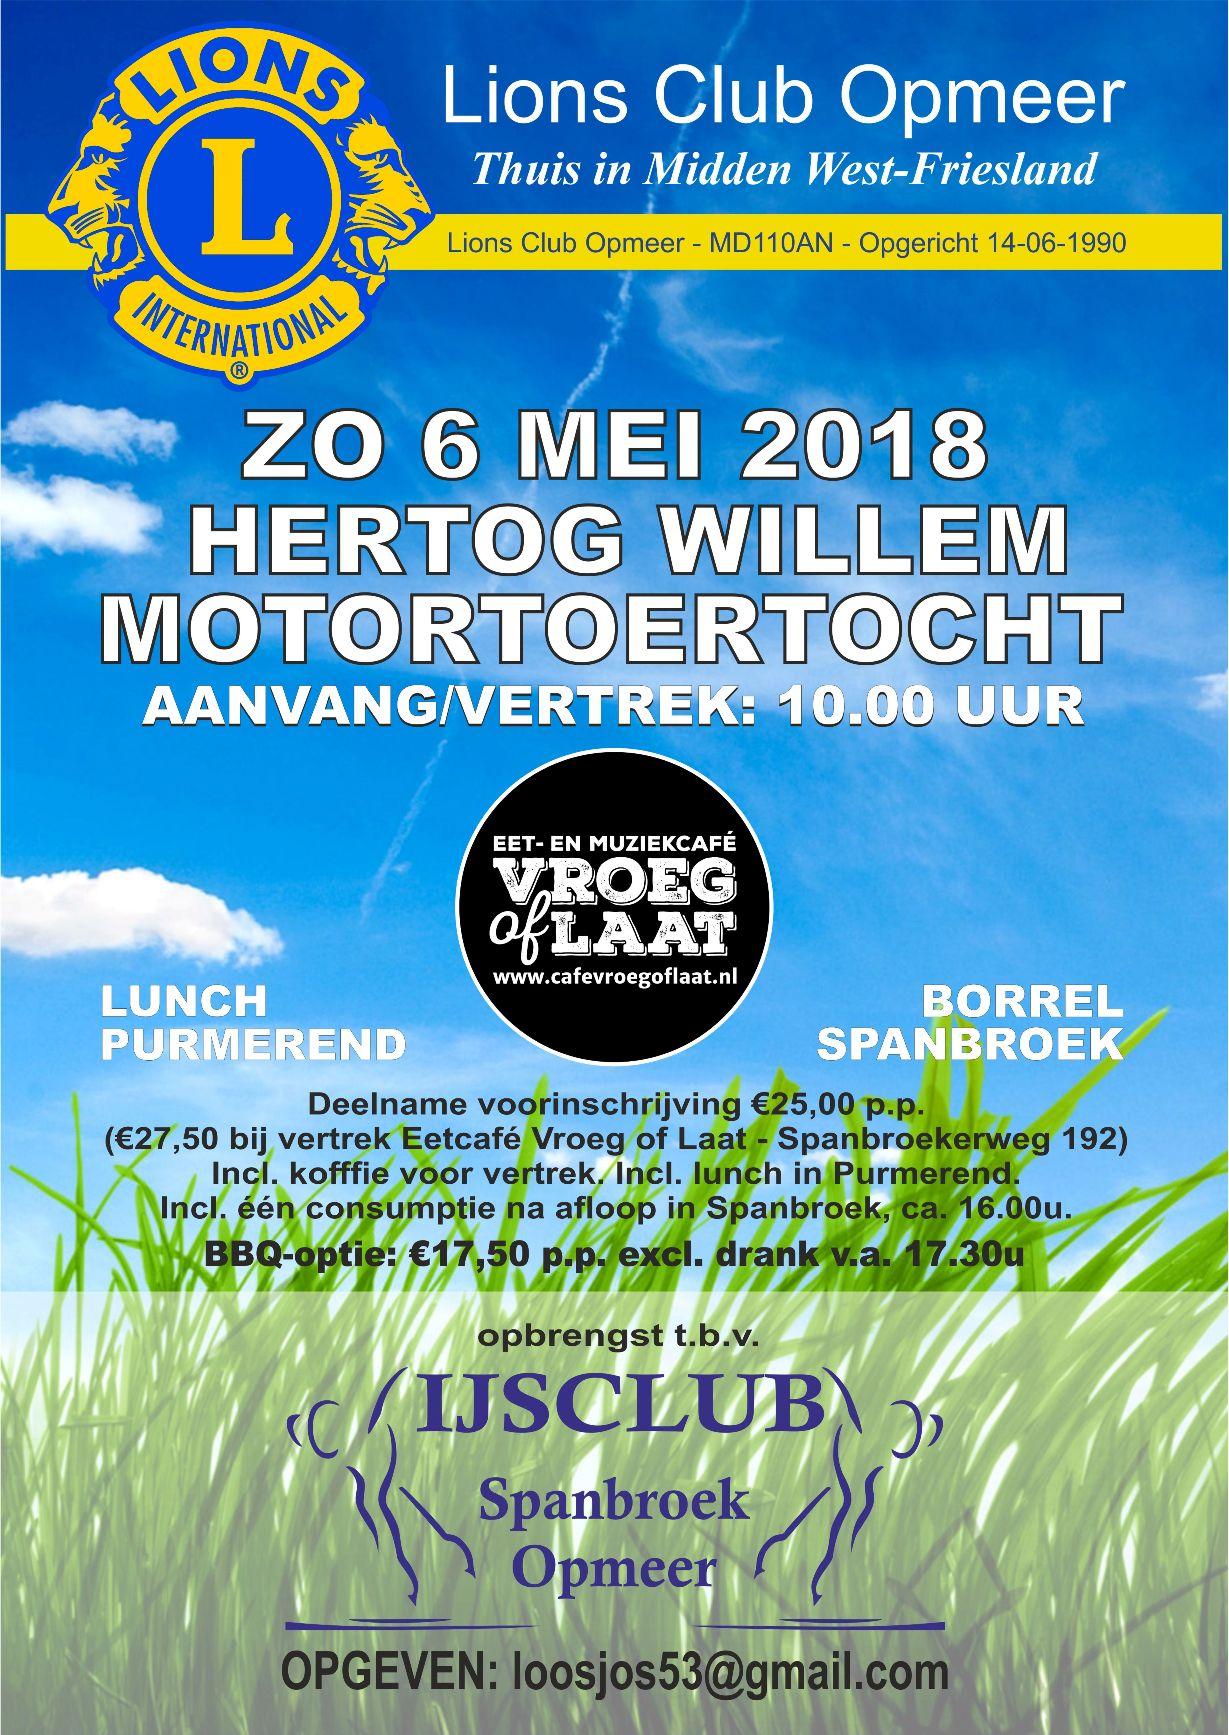 Motortoertocht IJsclub Spanbroek Opmeer 2018